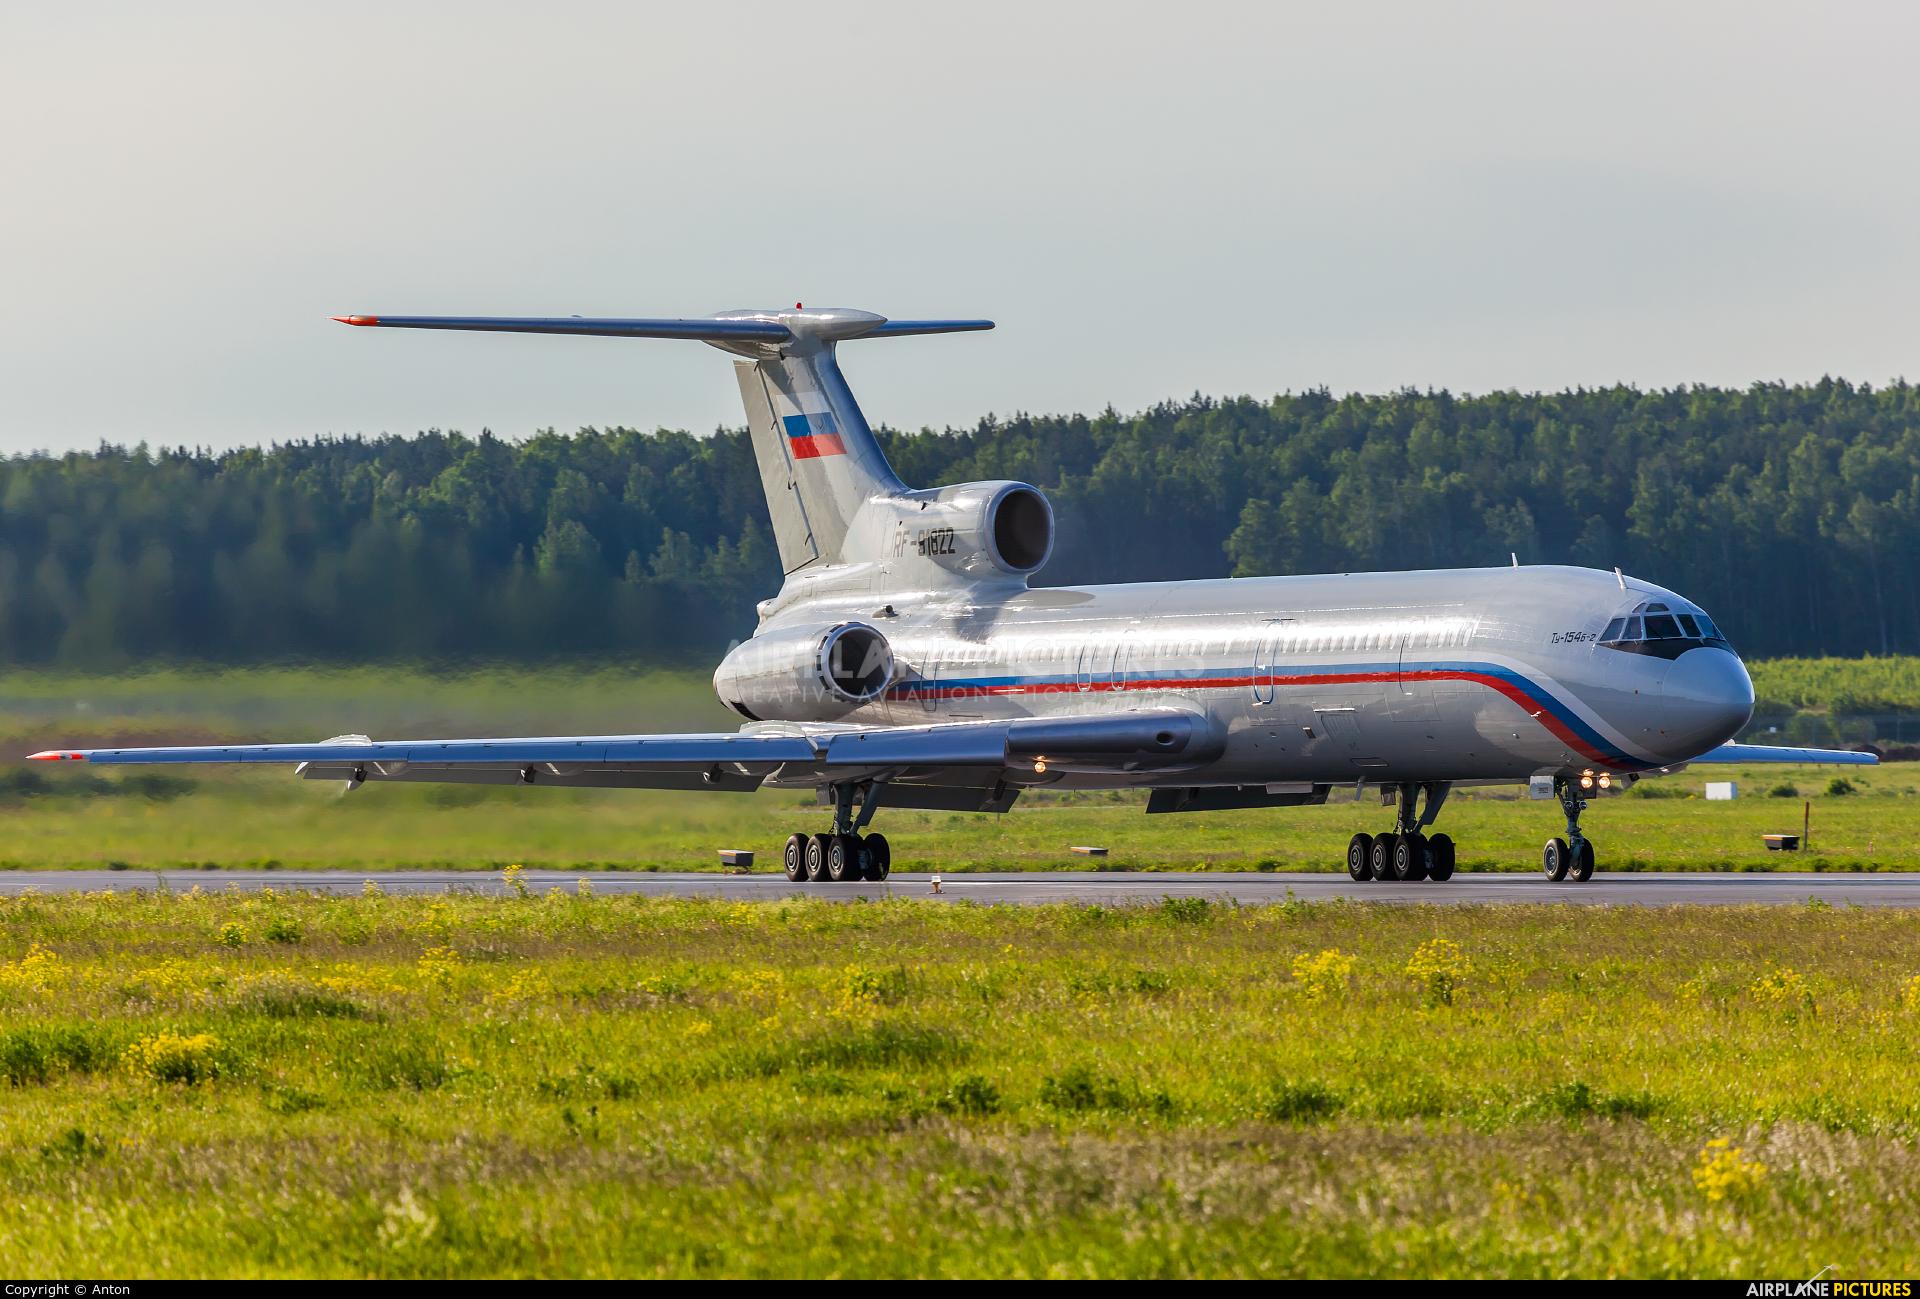 Russia - Air Force RF-91822 aircraft at Koltsovo - Ekaterinburg